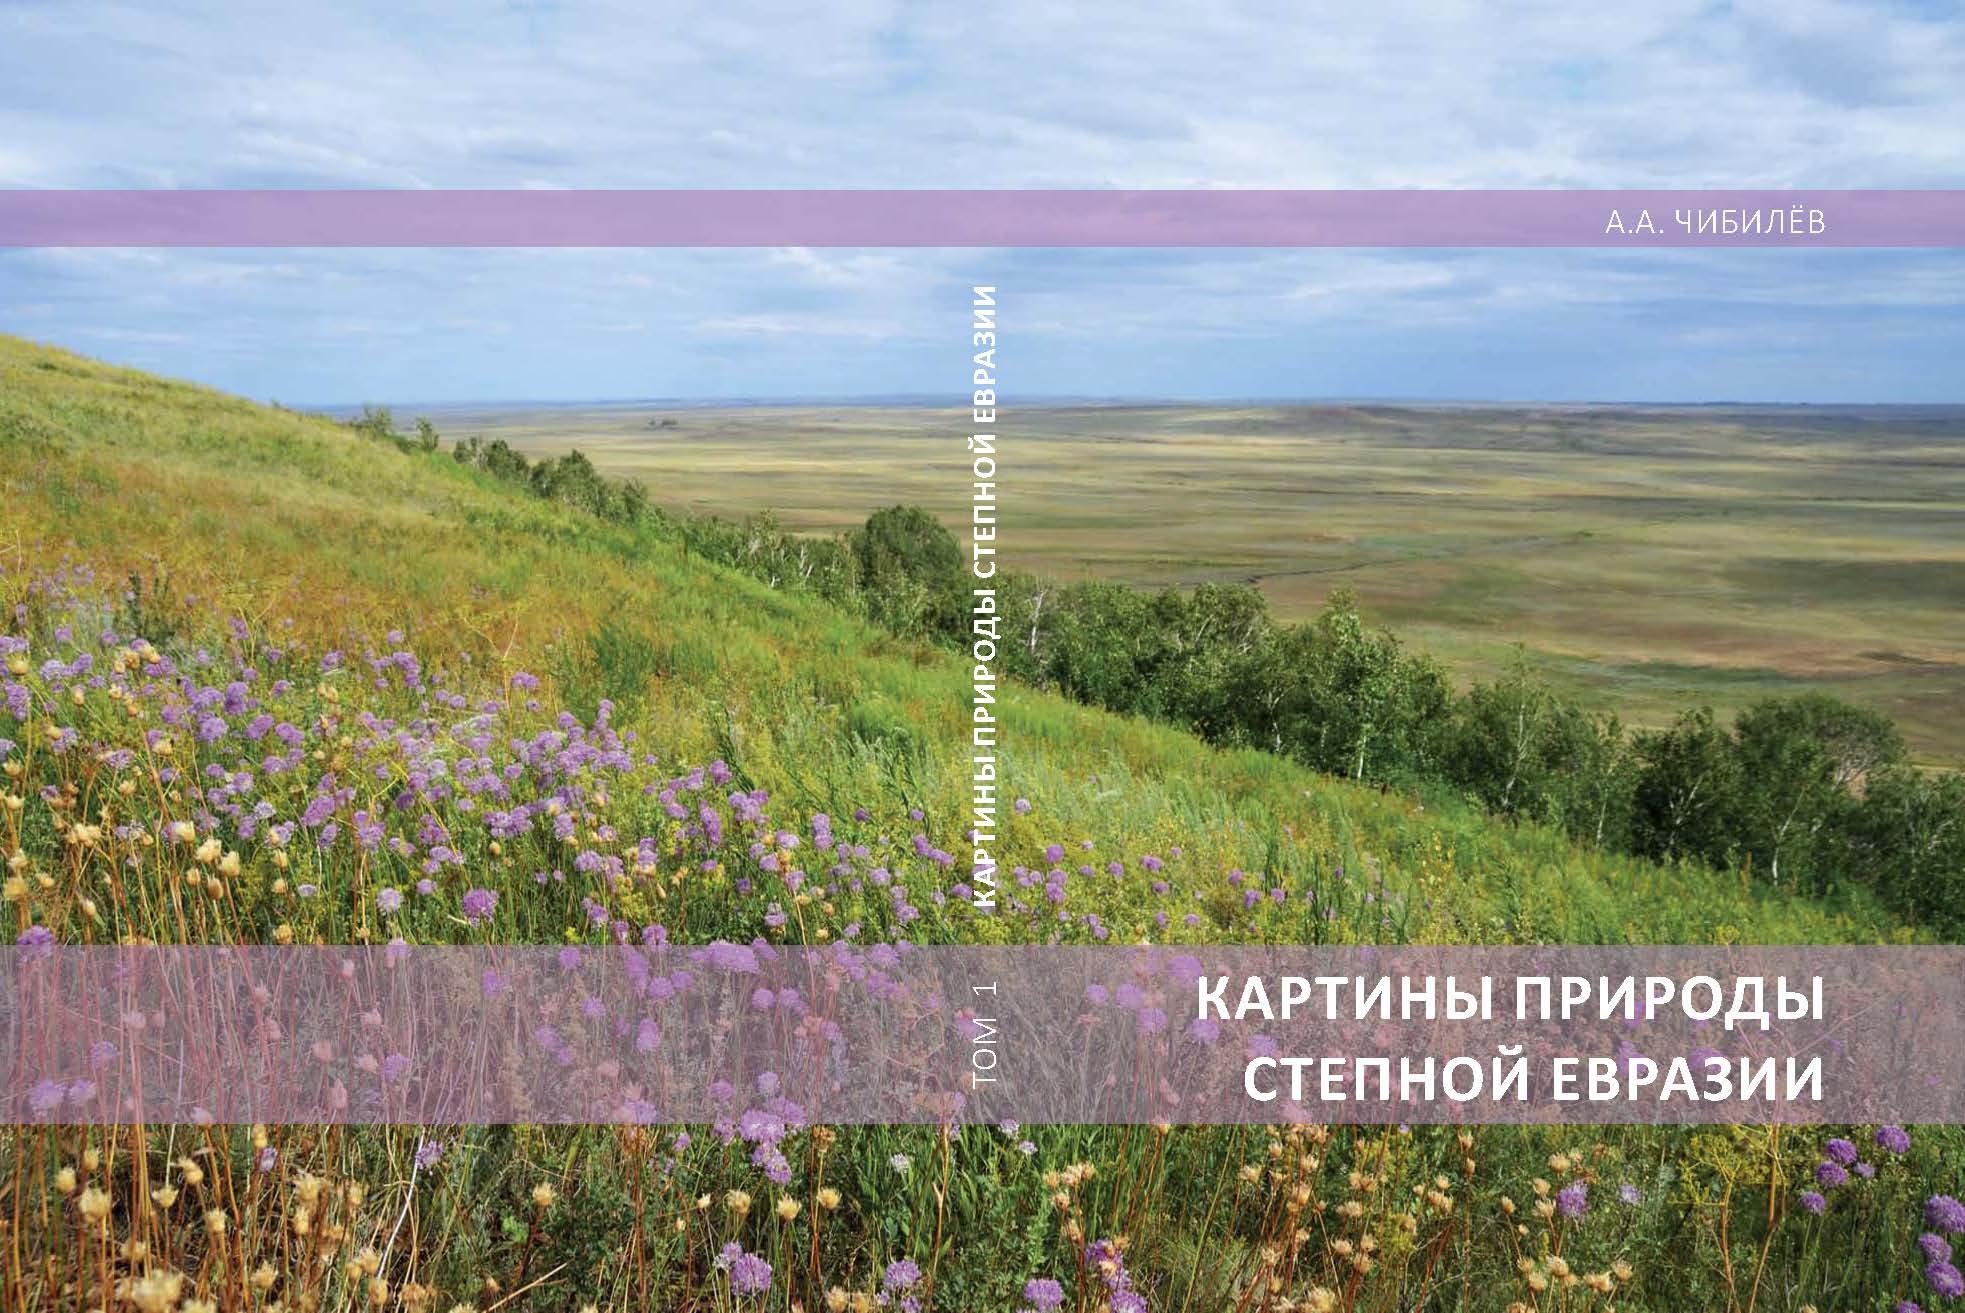 Чибилёв А.А. Картины природы Степной Евразии. Том 1: От предгорий Альп до Южного Урала